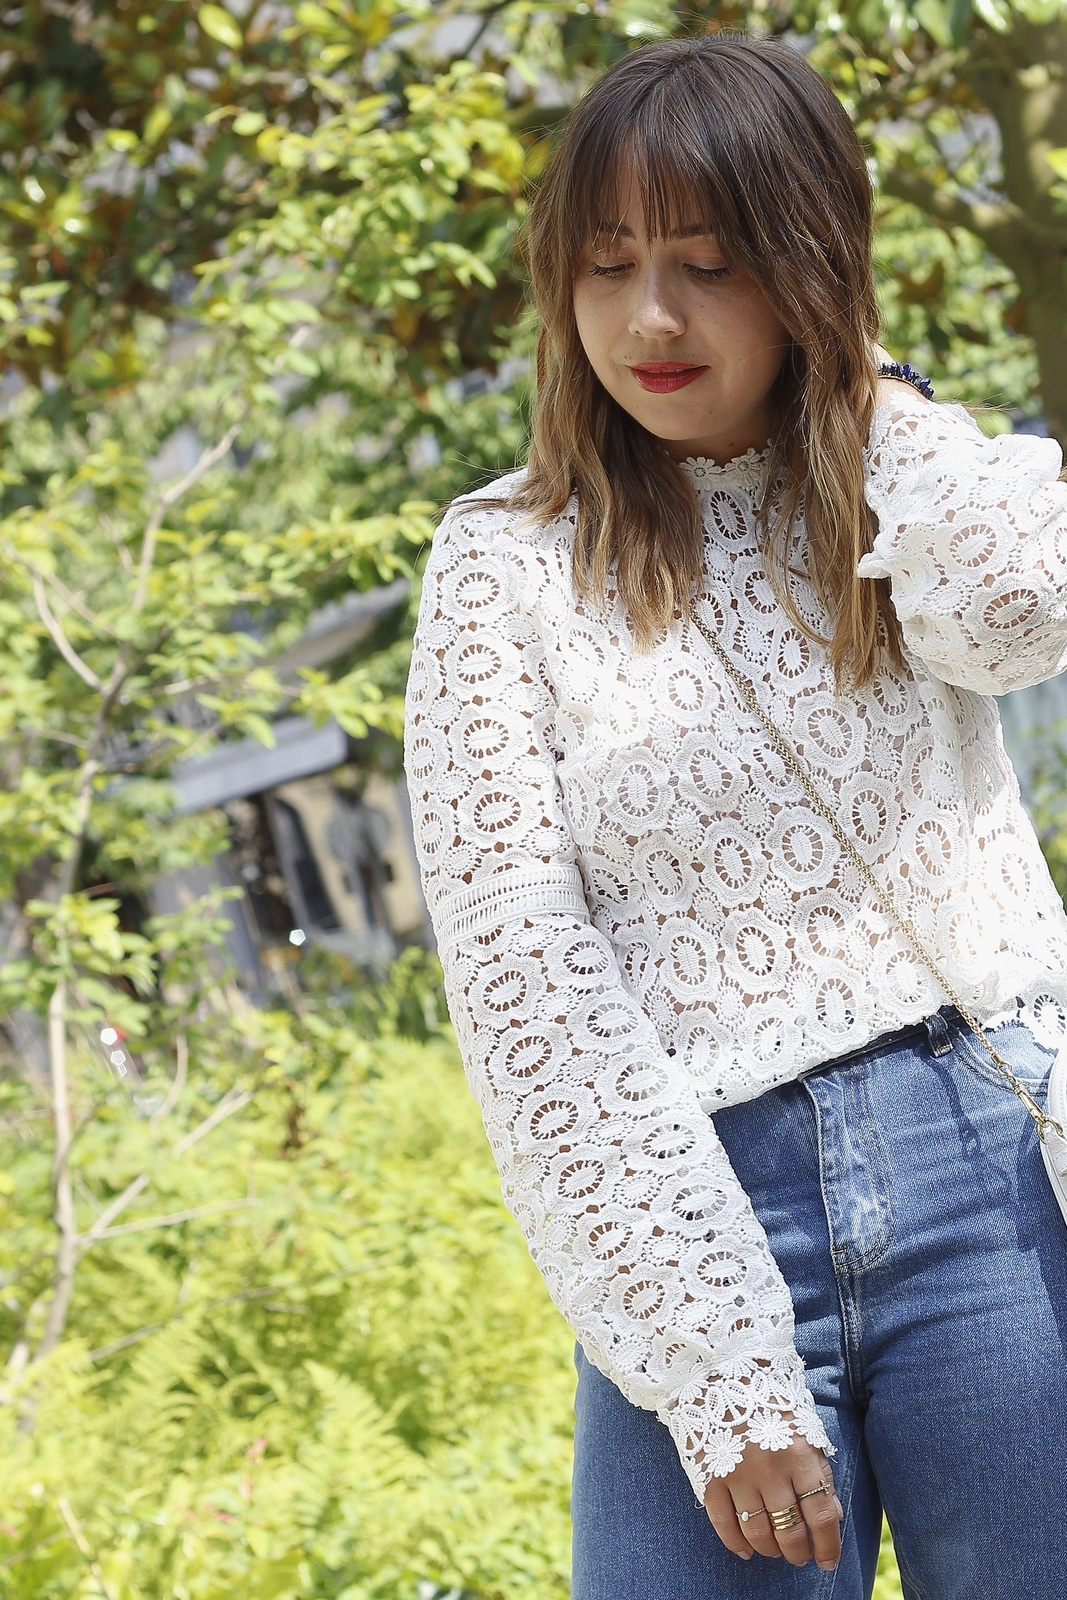 du style madame - blog mode paris femme - blouse macramé - mom jean - petits prix